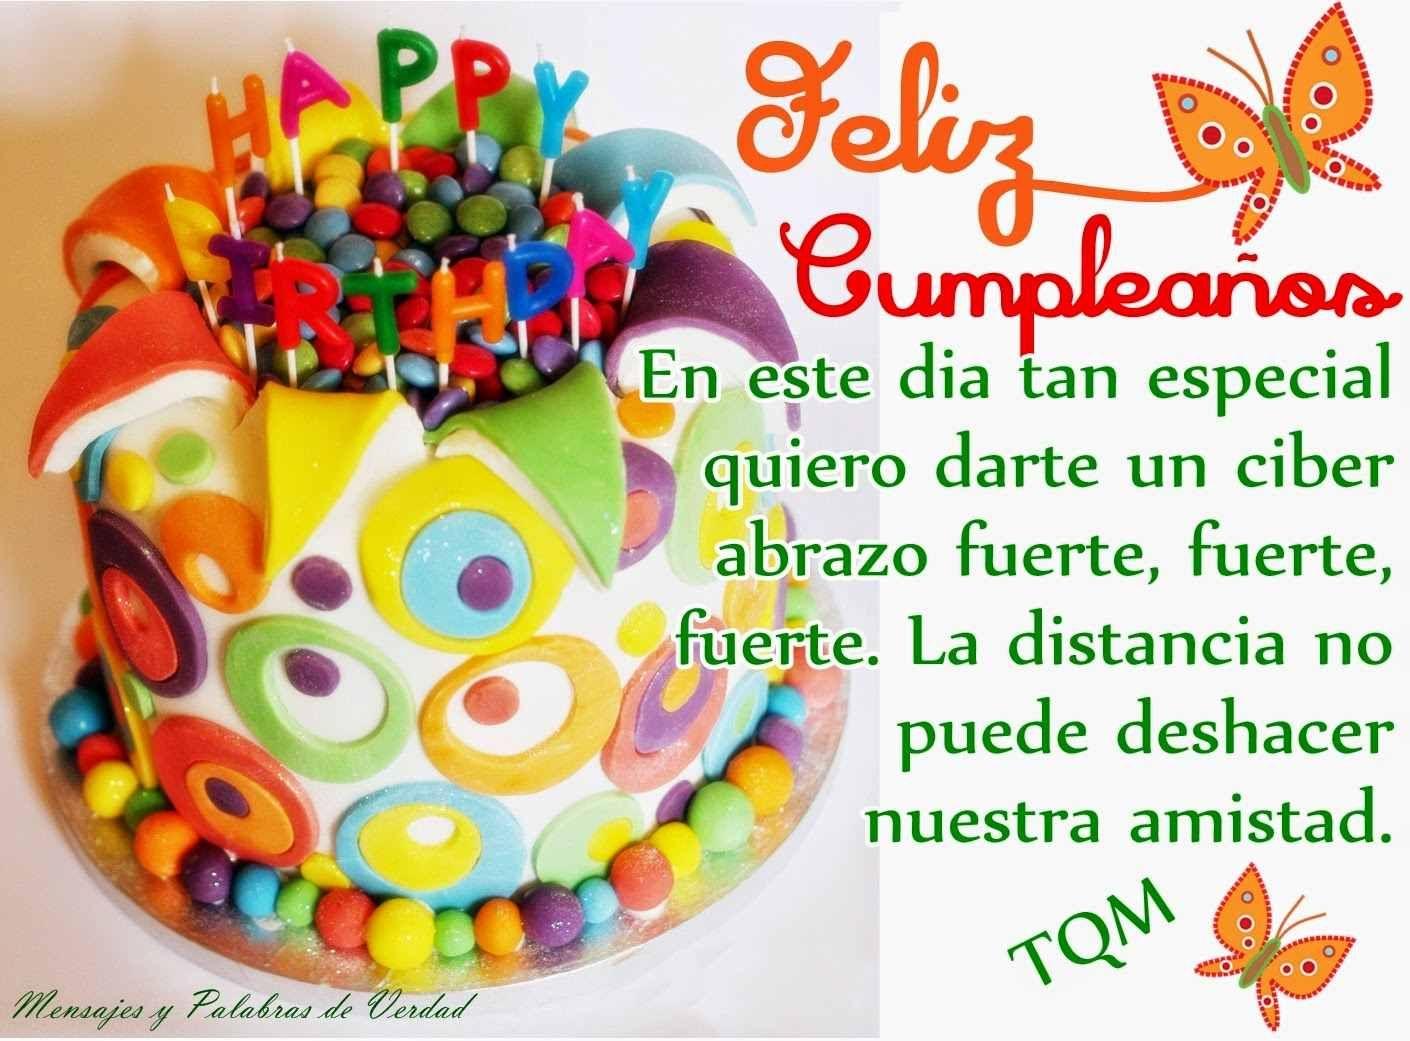 Tarjetas Postales de Feliz Cumpleaños para dedicar a tus amigos con bonitos mensajes en imagenes